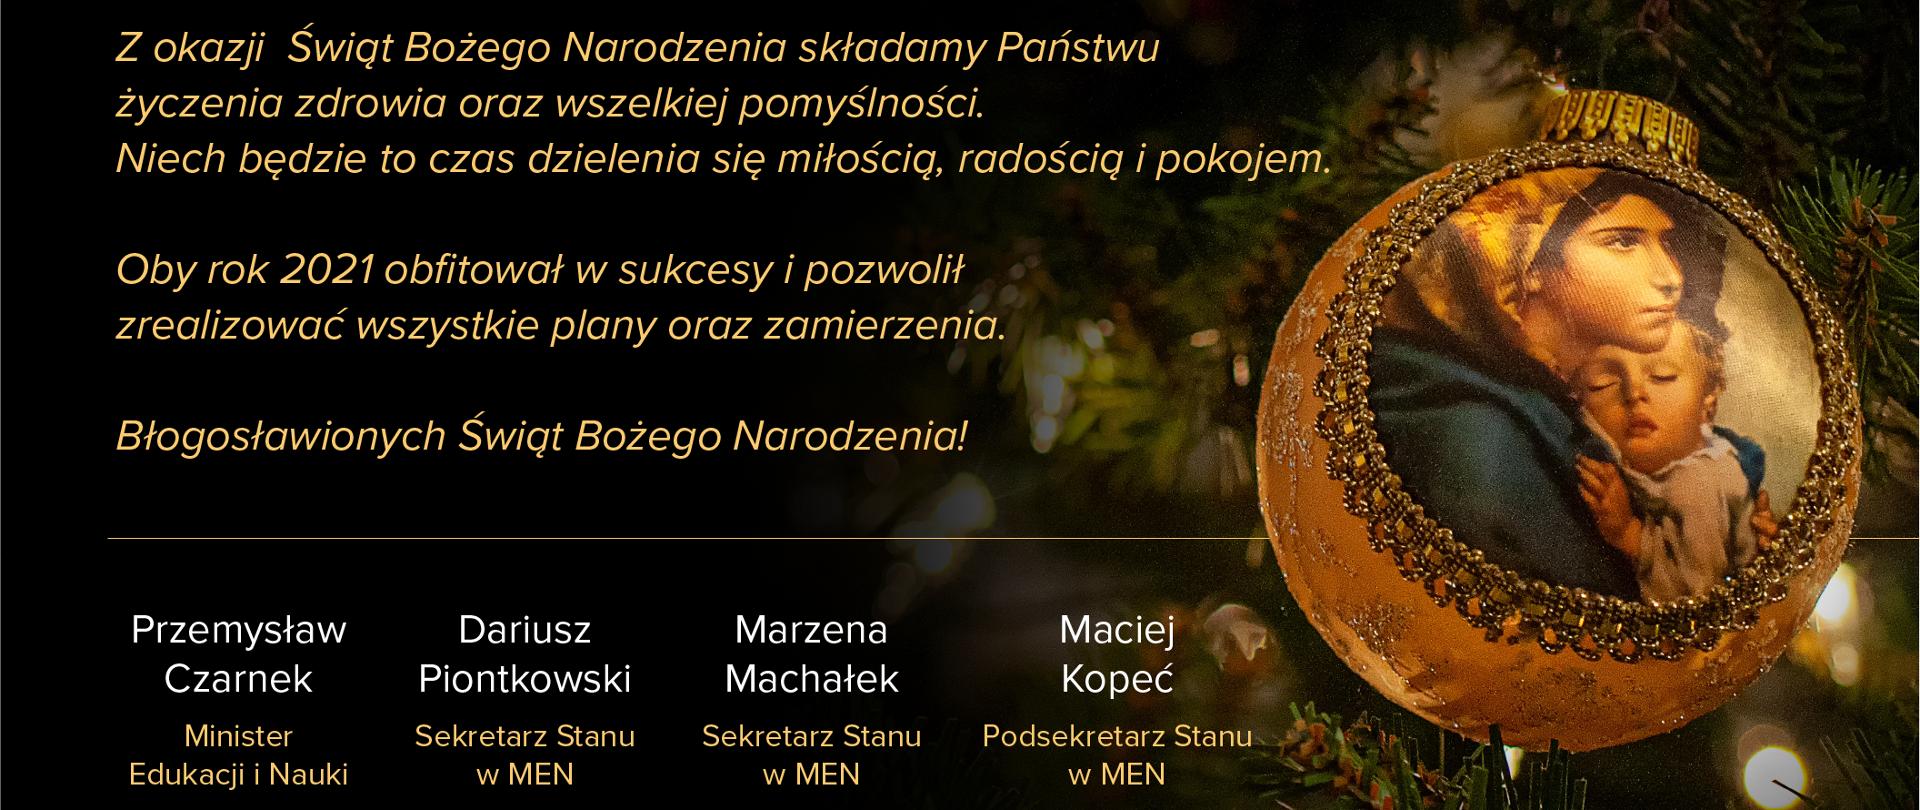 Błogosławionych Świąt - życzenia od Ministra Edukacji i Nauki oraz członków kierownictwa MEN